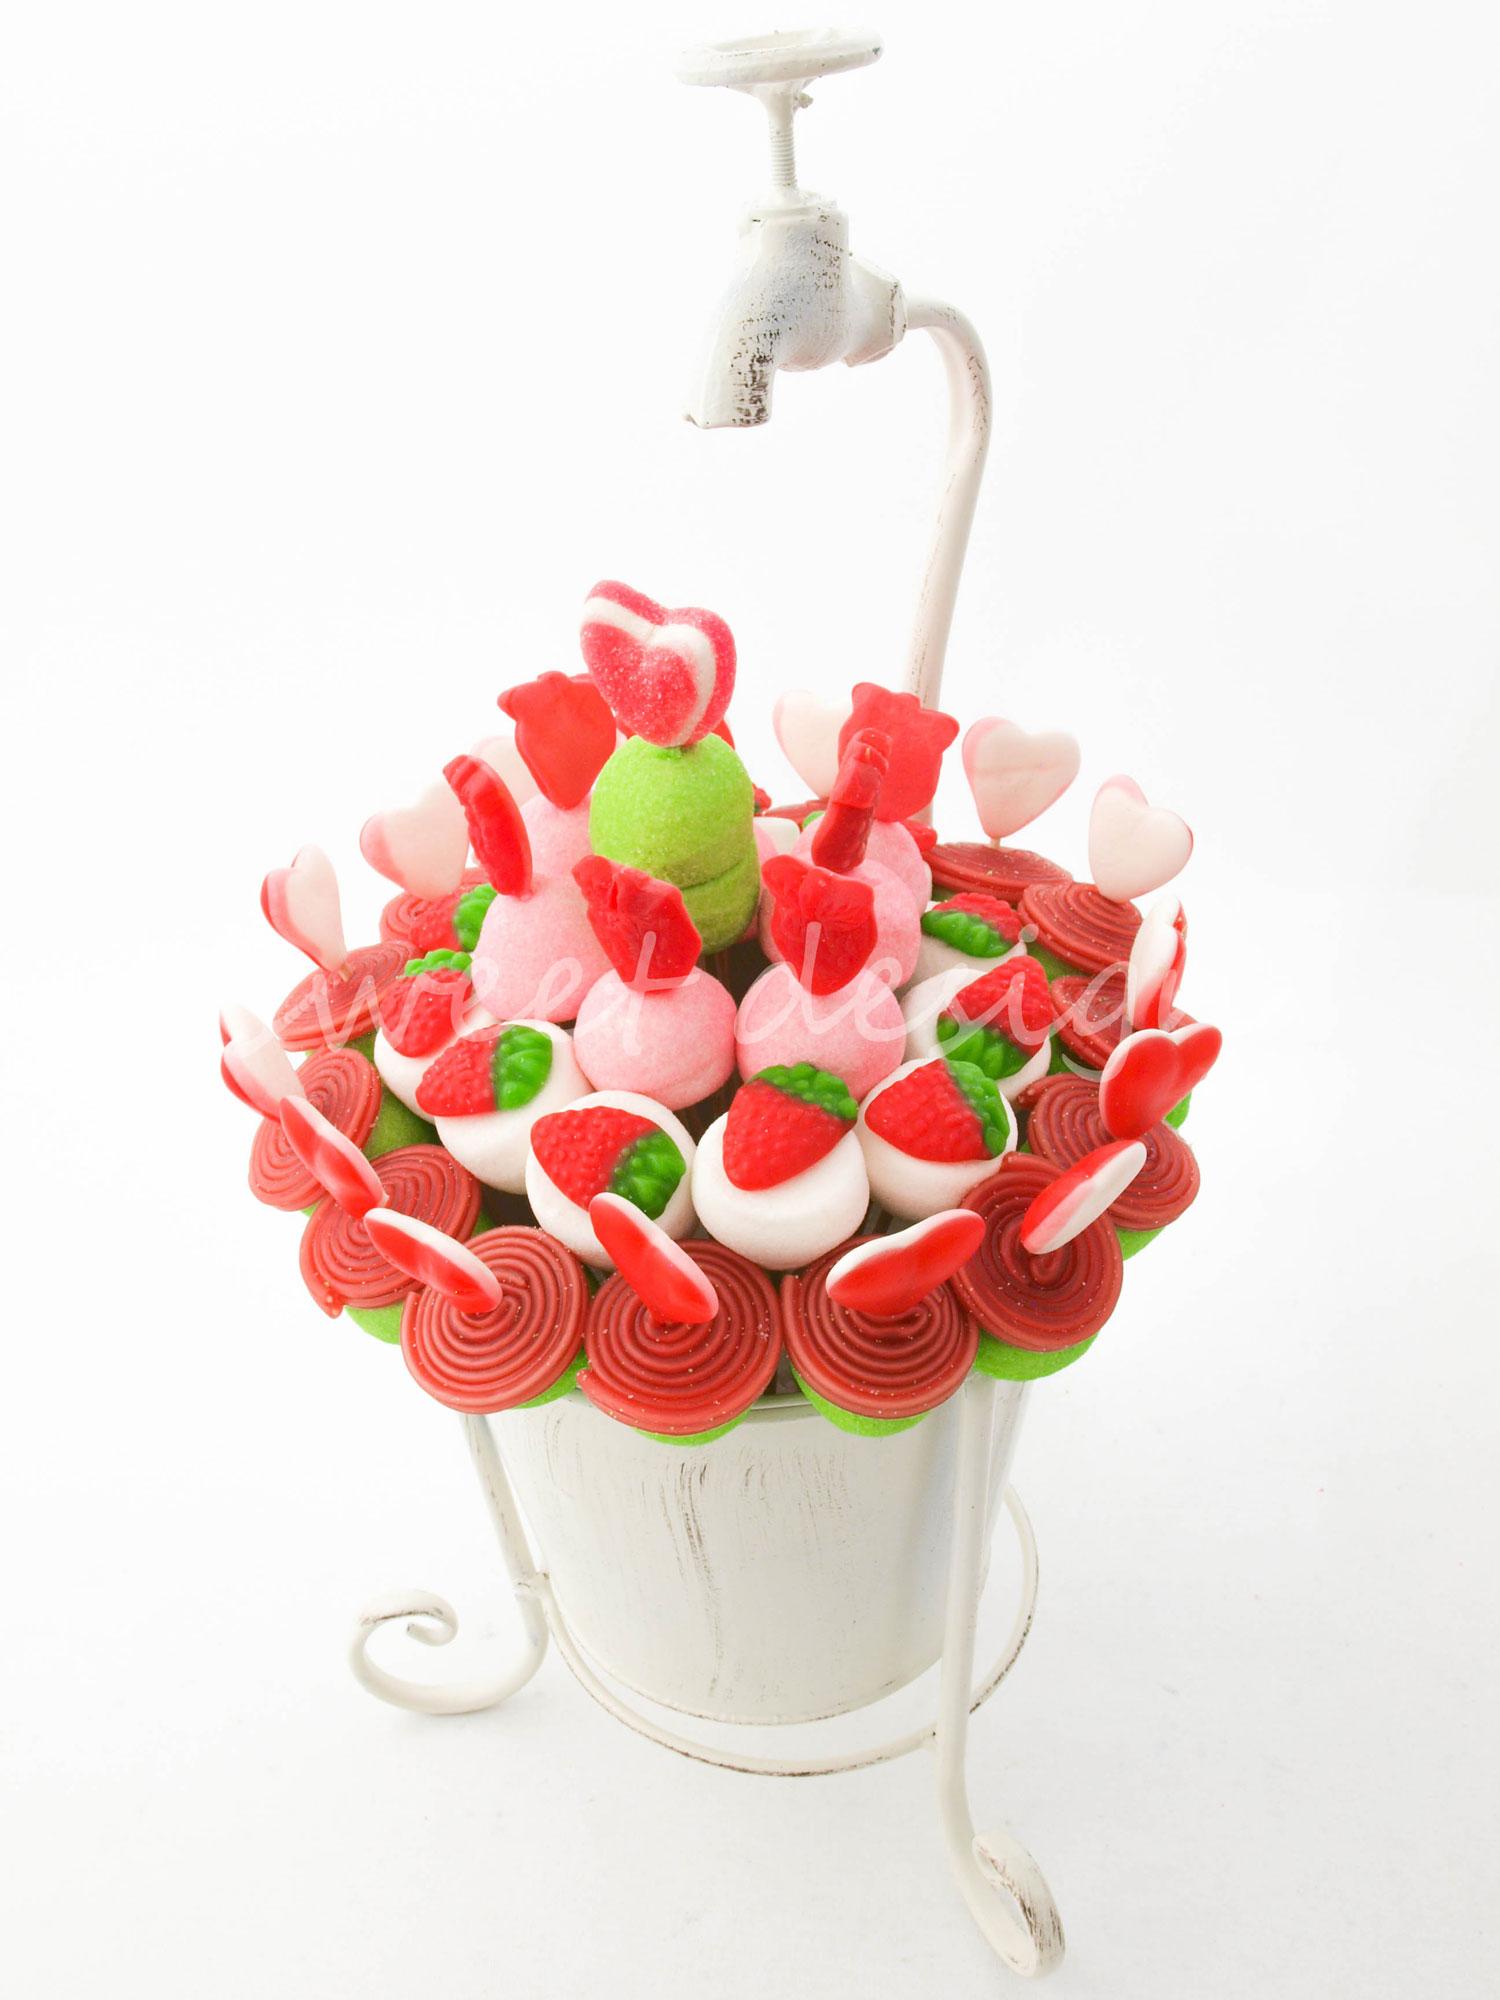 Dise o en forja con grifo rojo verde blanco sweet design - Precios de centros de mesa para boda ...